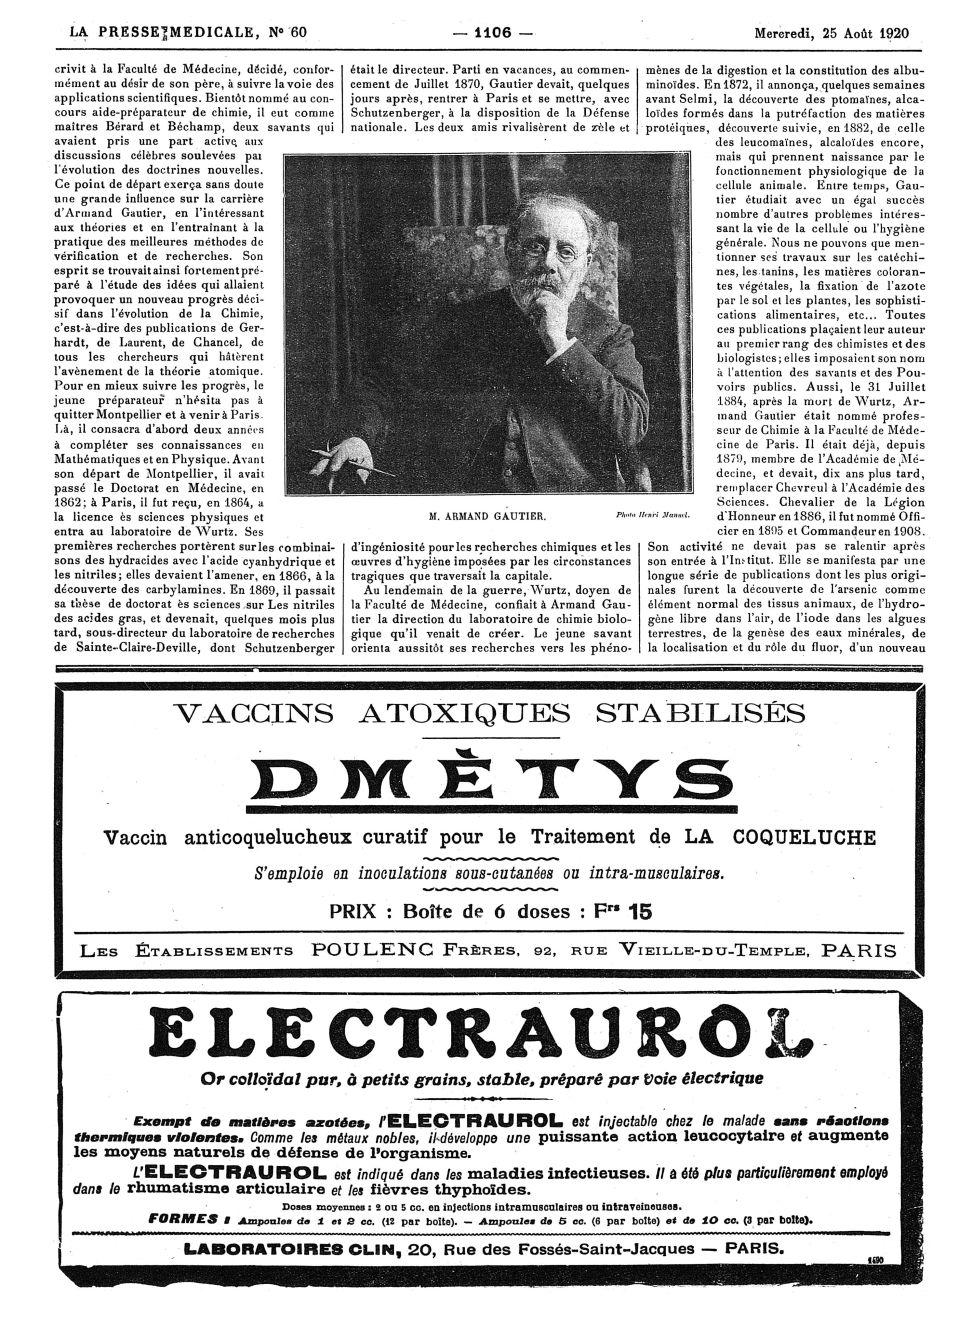 M. Armand Gautier - La Presse médicale - [Volume d'annexes] -  - med100000x1920xannexesx1103